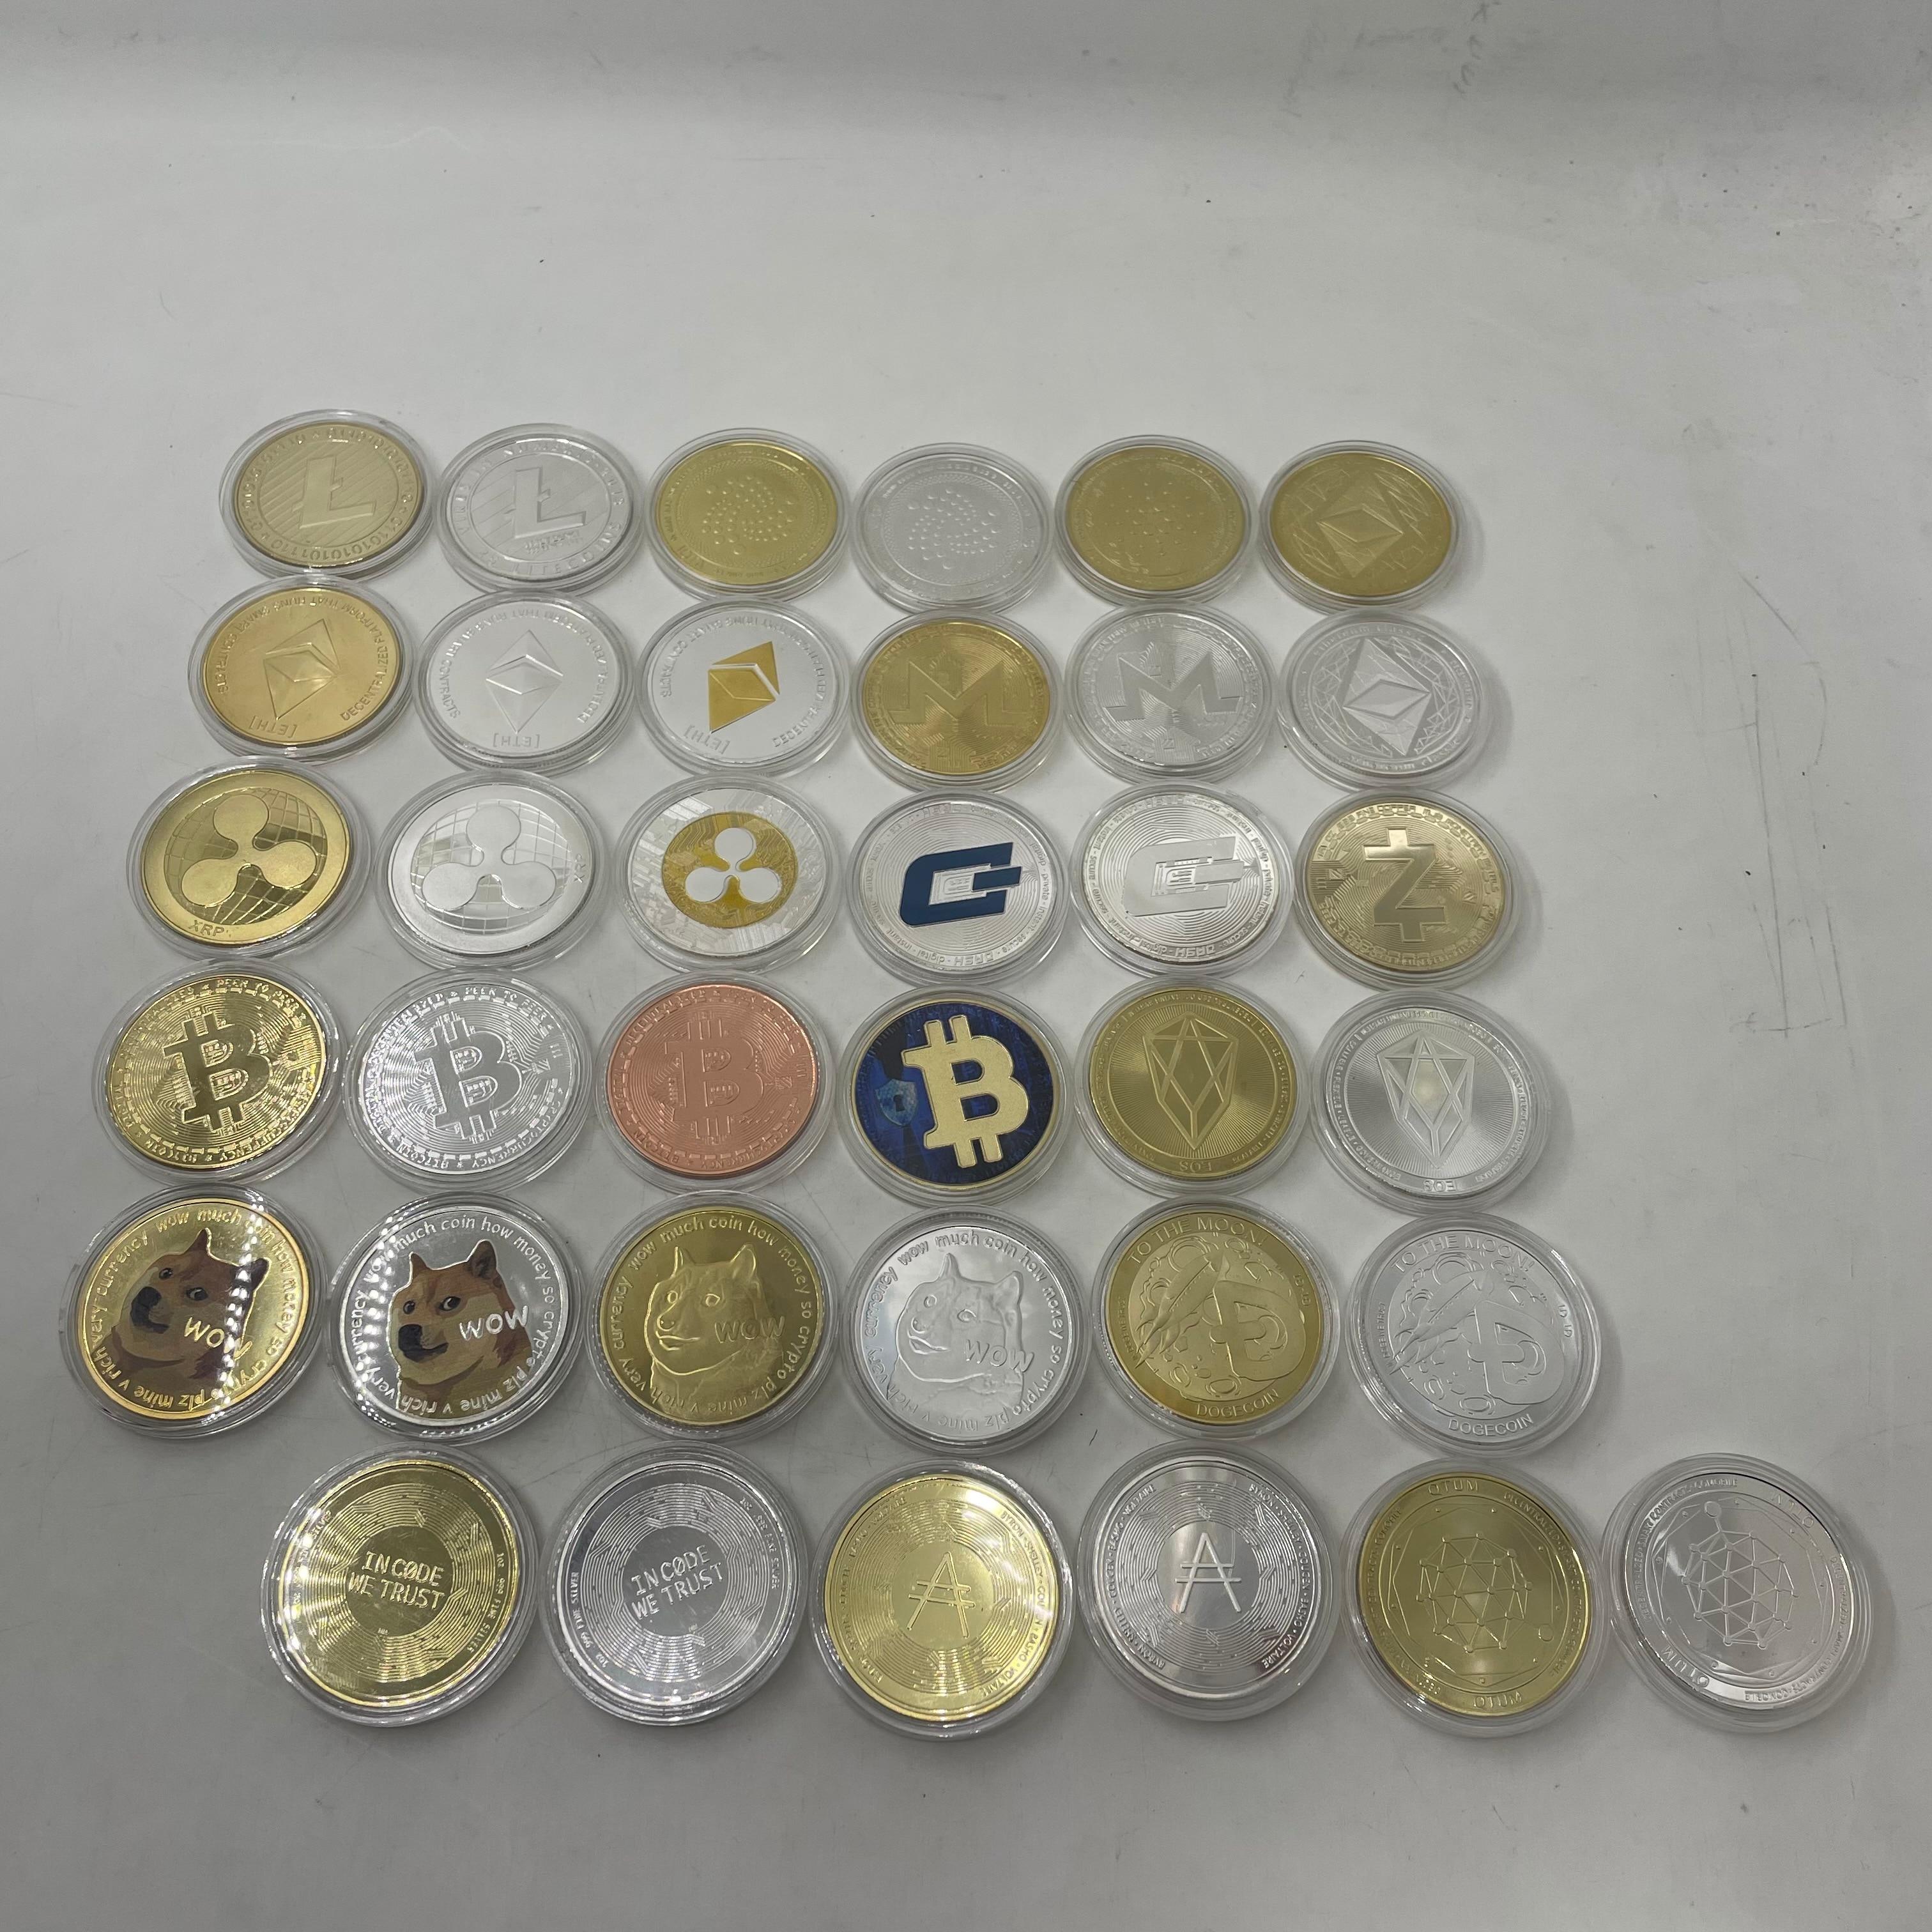 Dogecoin Coin Gold Plated Bitcoin BTC Coin Ethereum Litecoin Dash Ripple XRP EOS Binance BNB Gold Ada Cardano Crypto Coin Collec 1